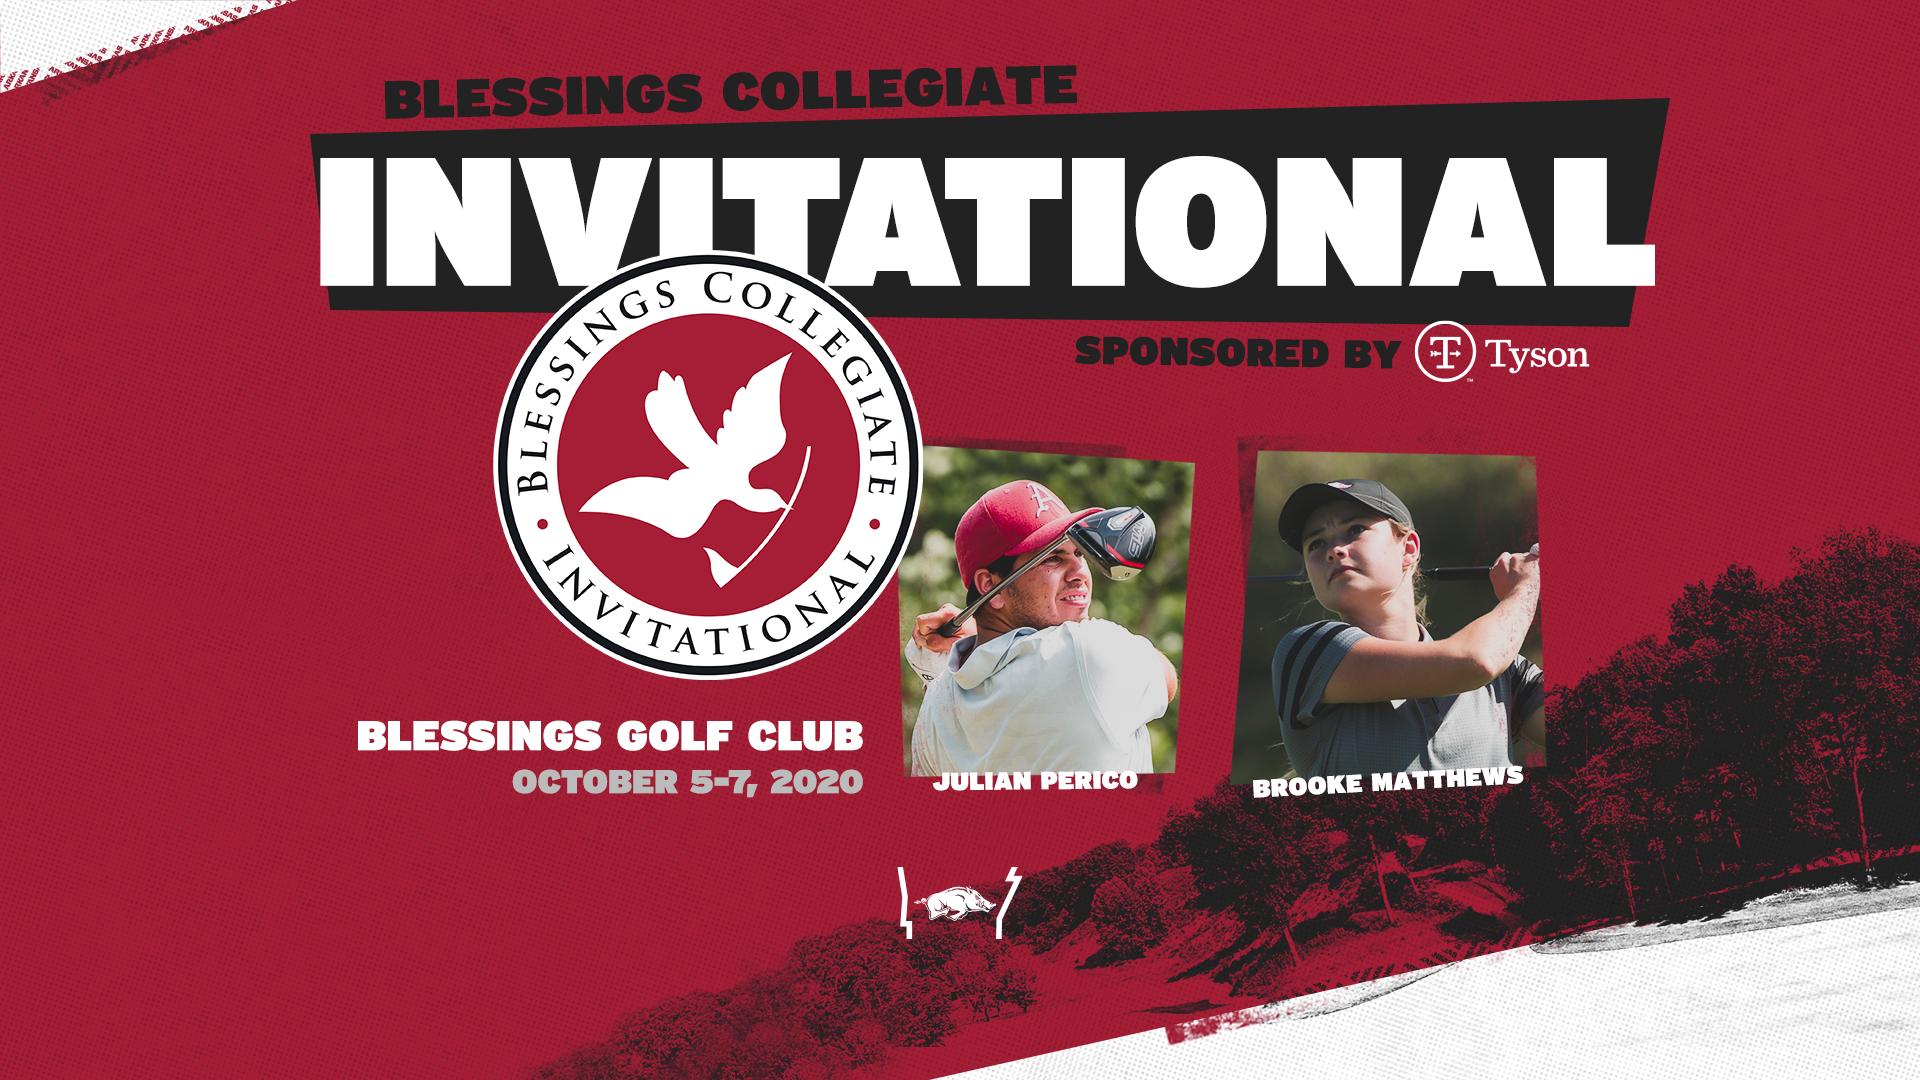 Arkansas, GOLF Channel Announces Blessings Collegiate Invitational for Oct. 5-7